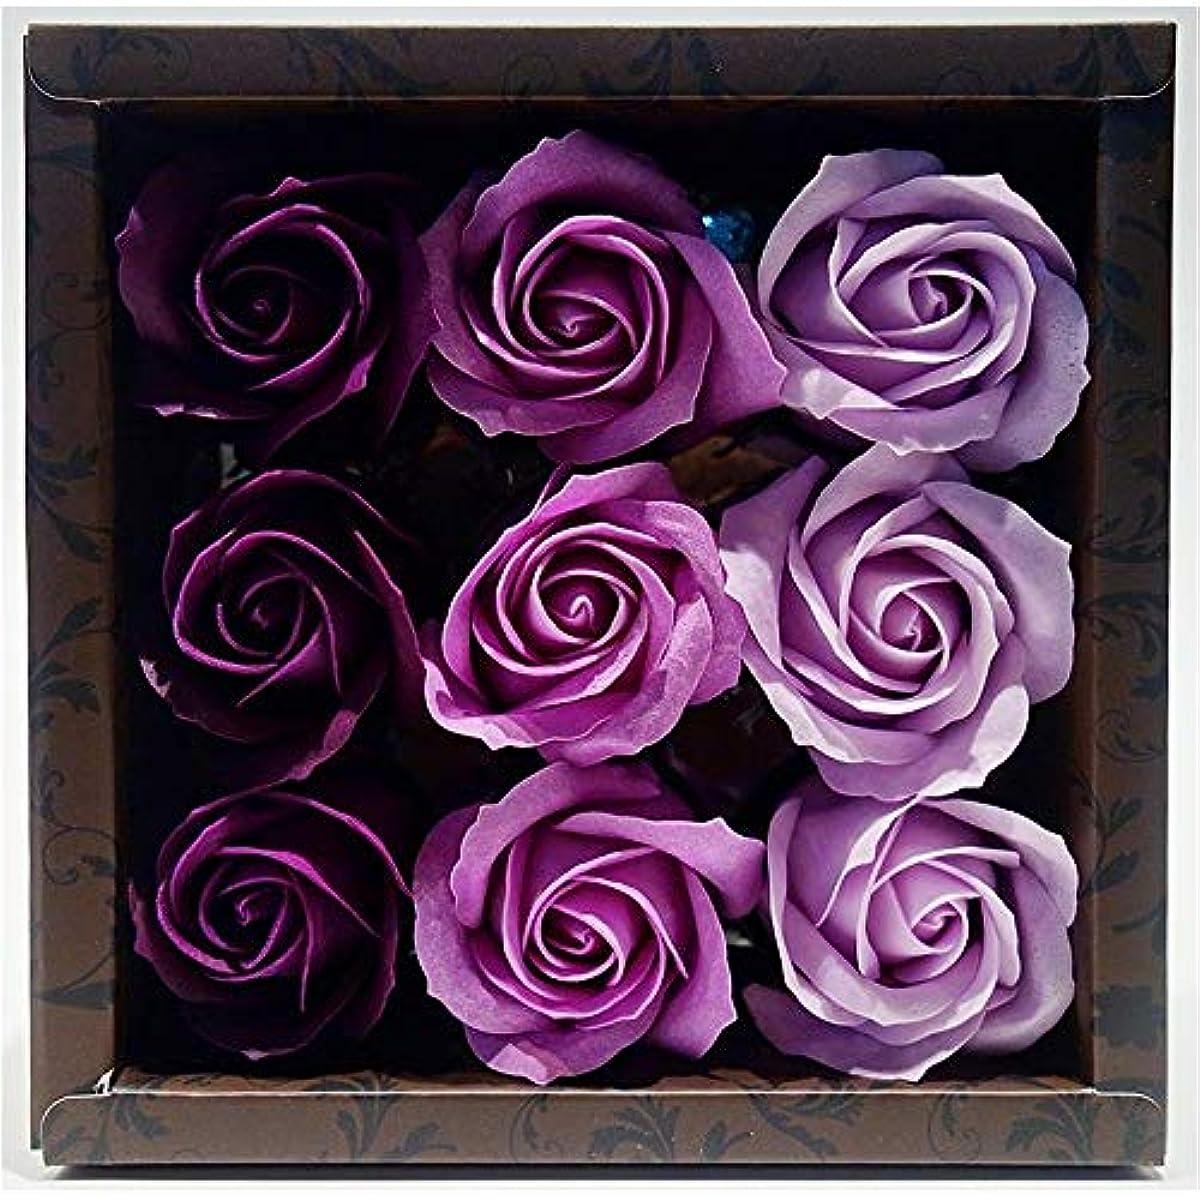 マオリ酸協力花のカタチの入浴料 ローズ バスフレグランス フラワーフレグランス バスフラワー (パープル)